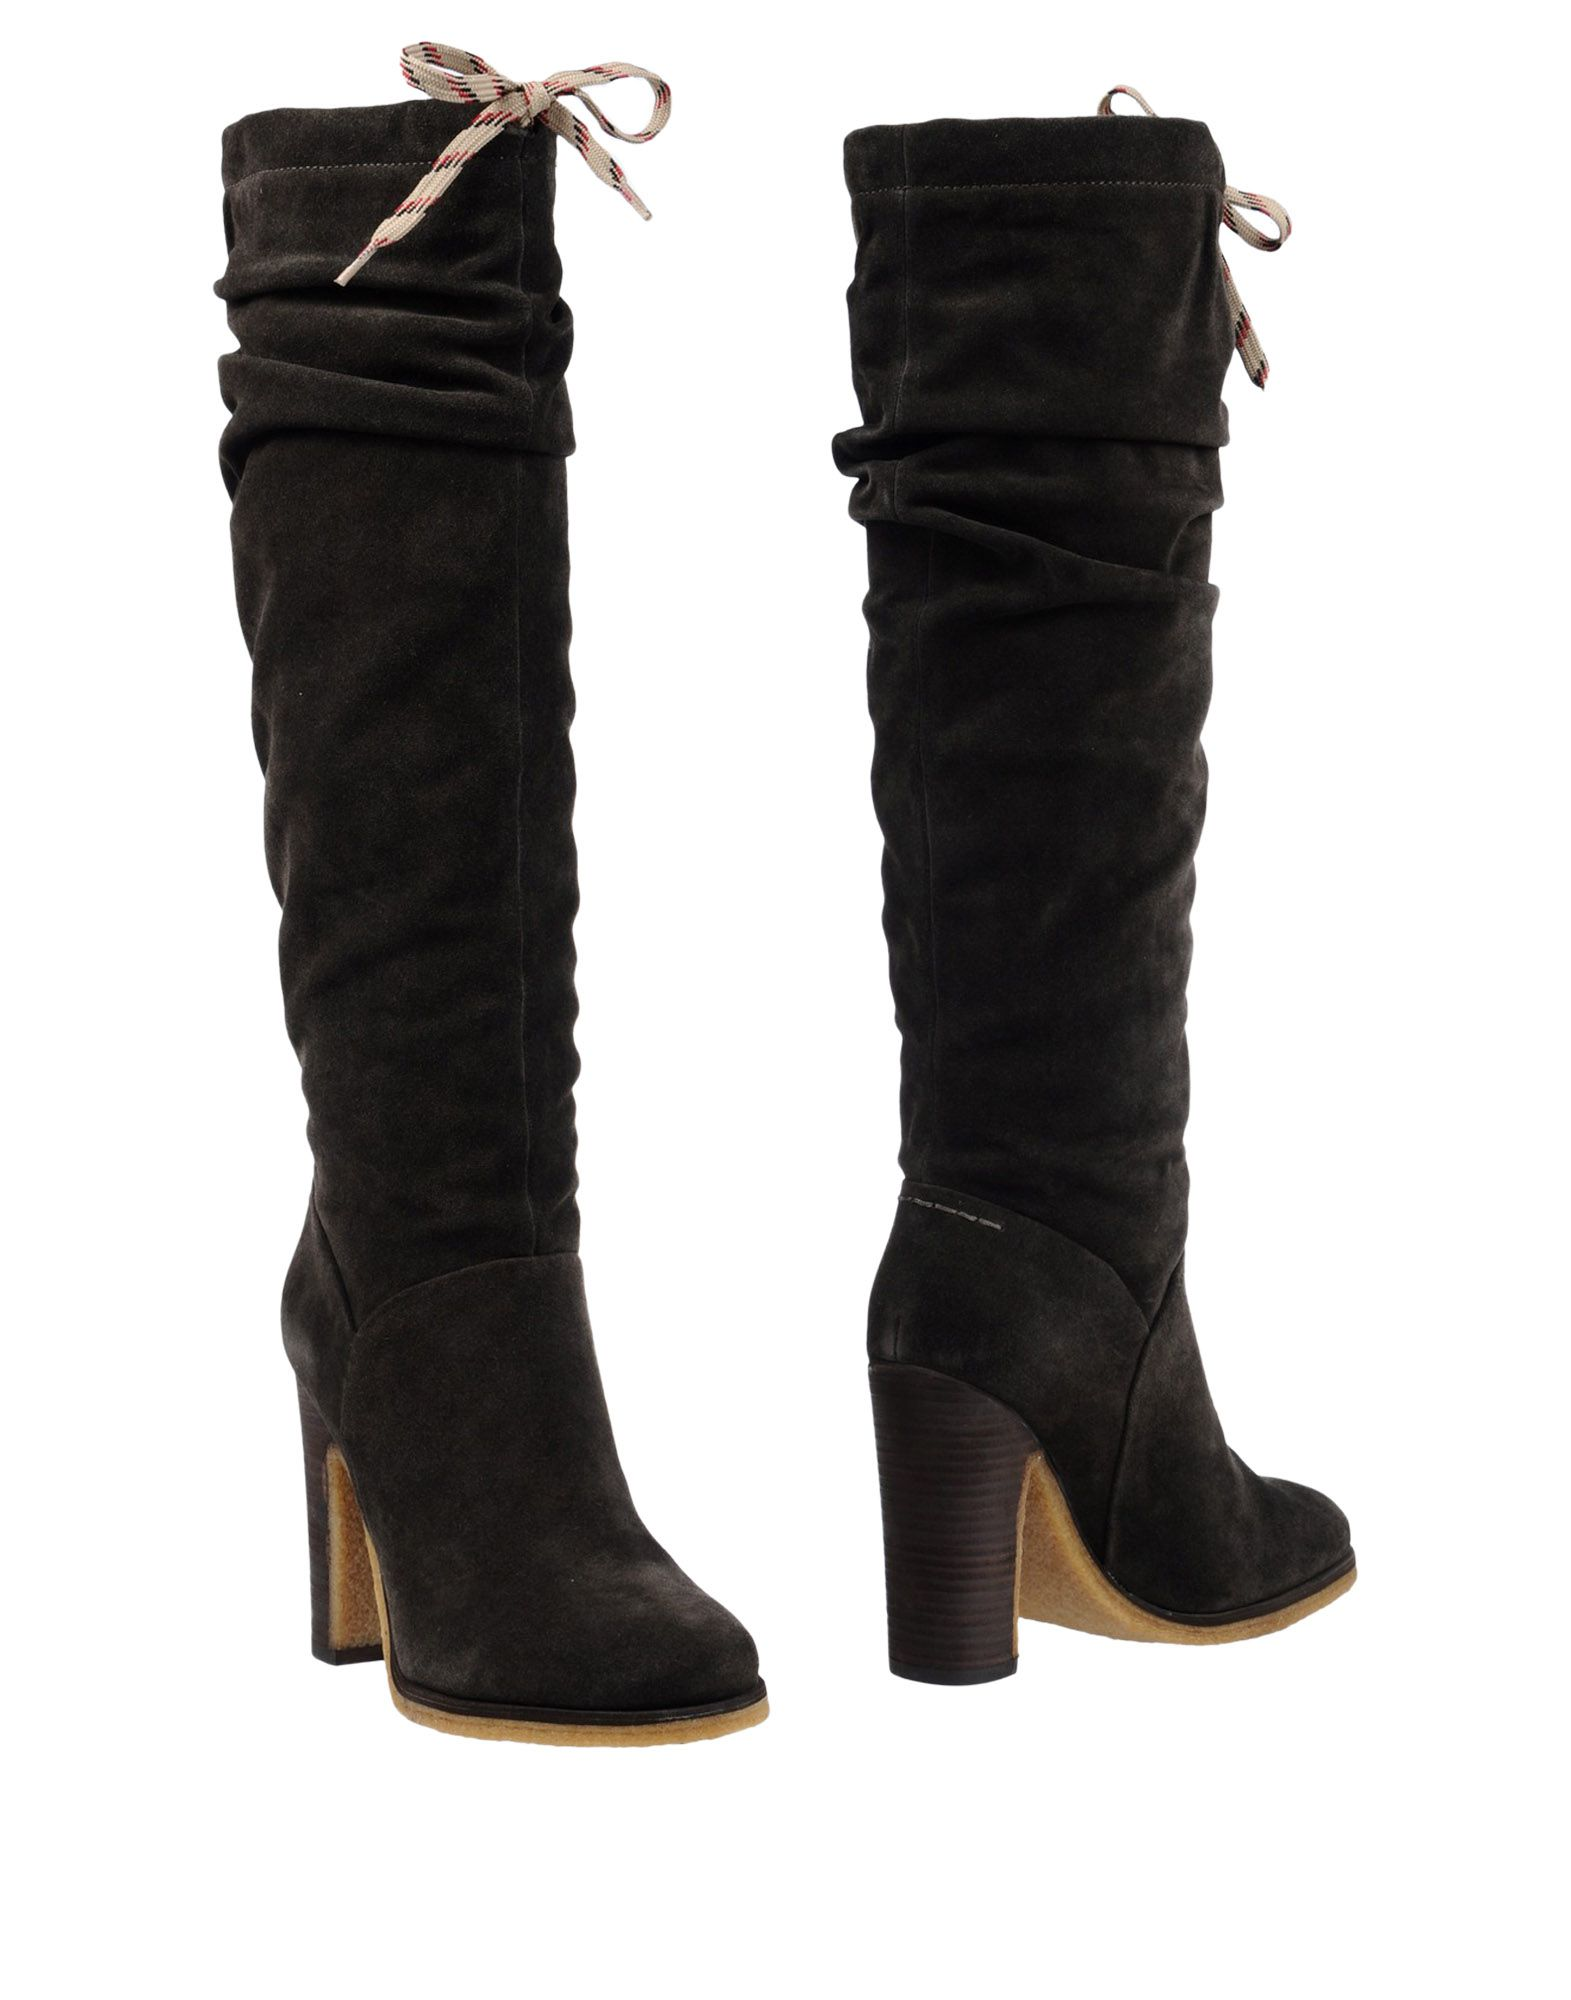 See By 11267554ONGünstige Chloé Stiefel Damen  11267554ONGünstige By gut aussehende Schuhe 2414c5